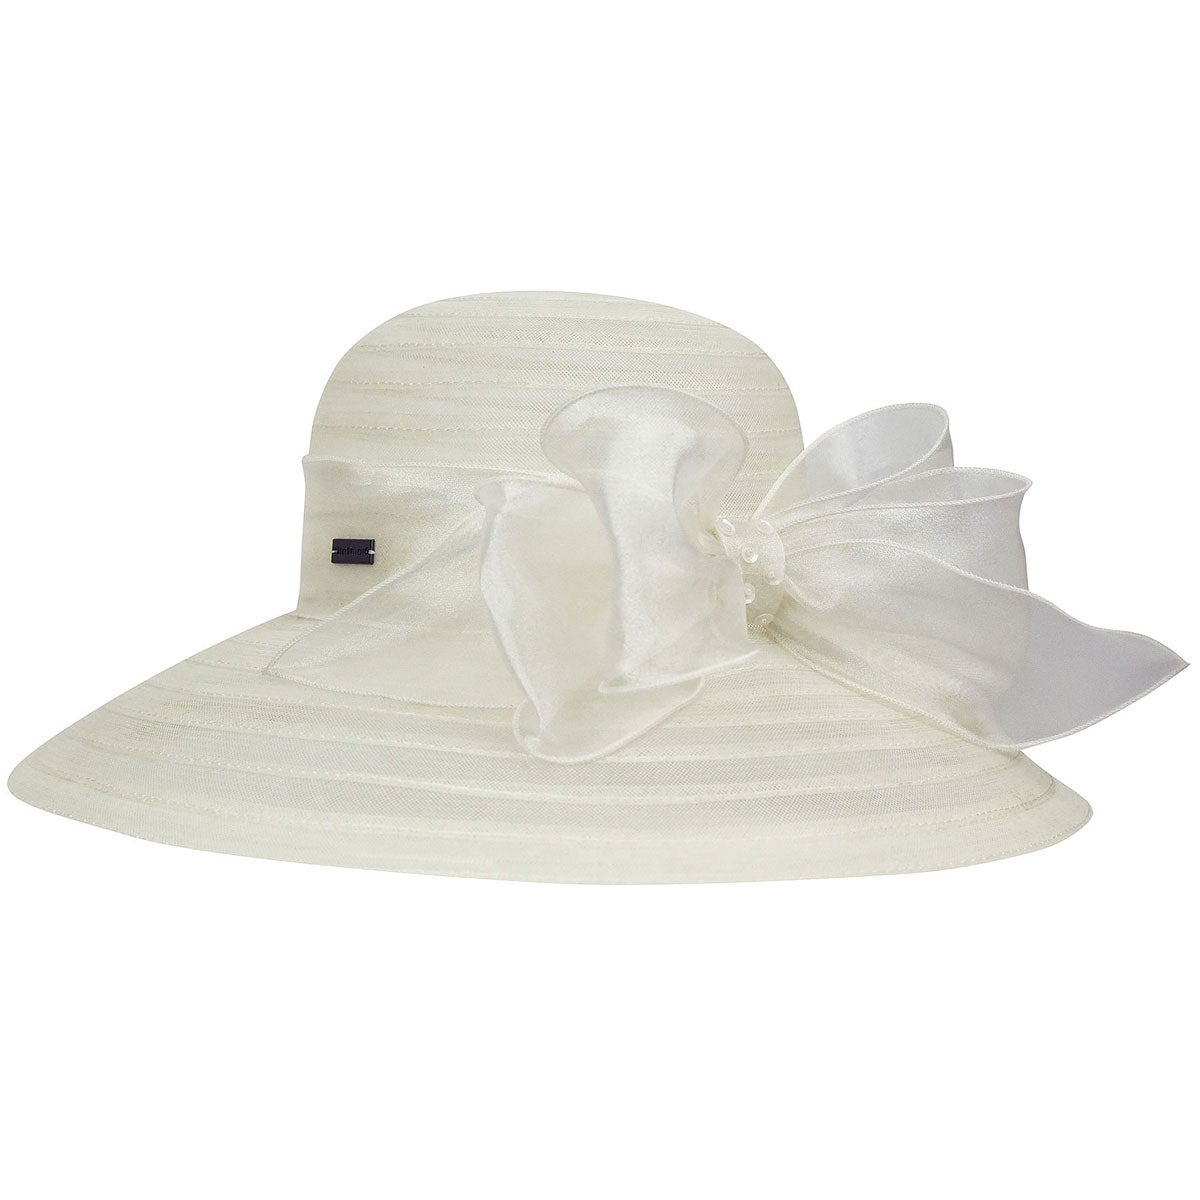 Betmar Valentina Asymmetric Wide Brim Occasion Hat in Cream